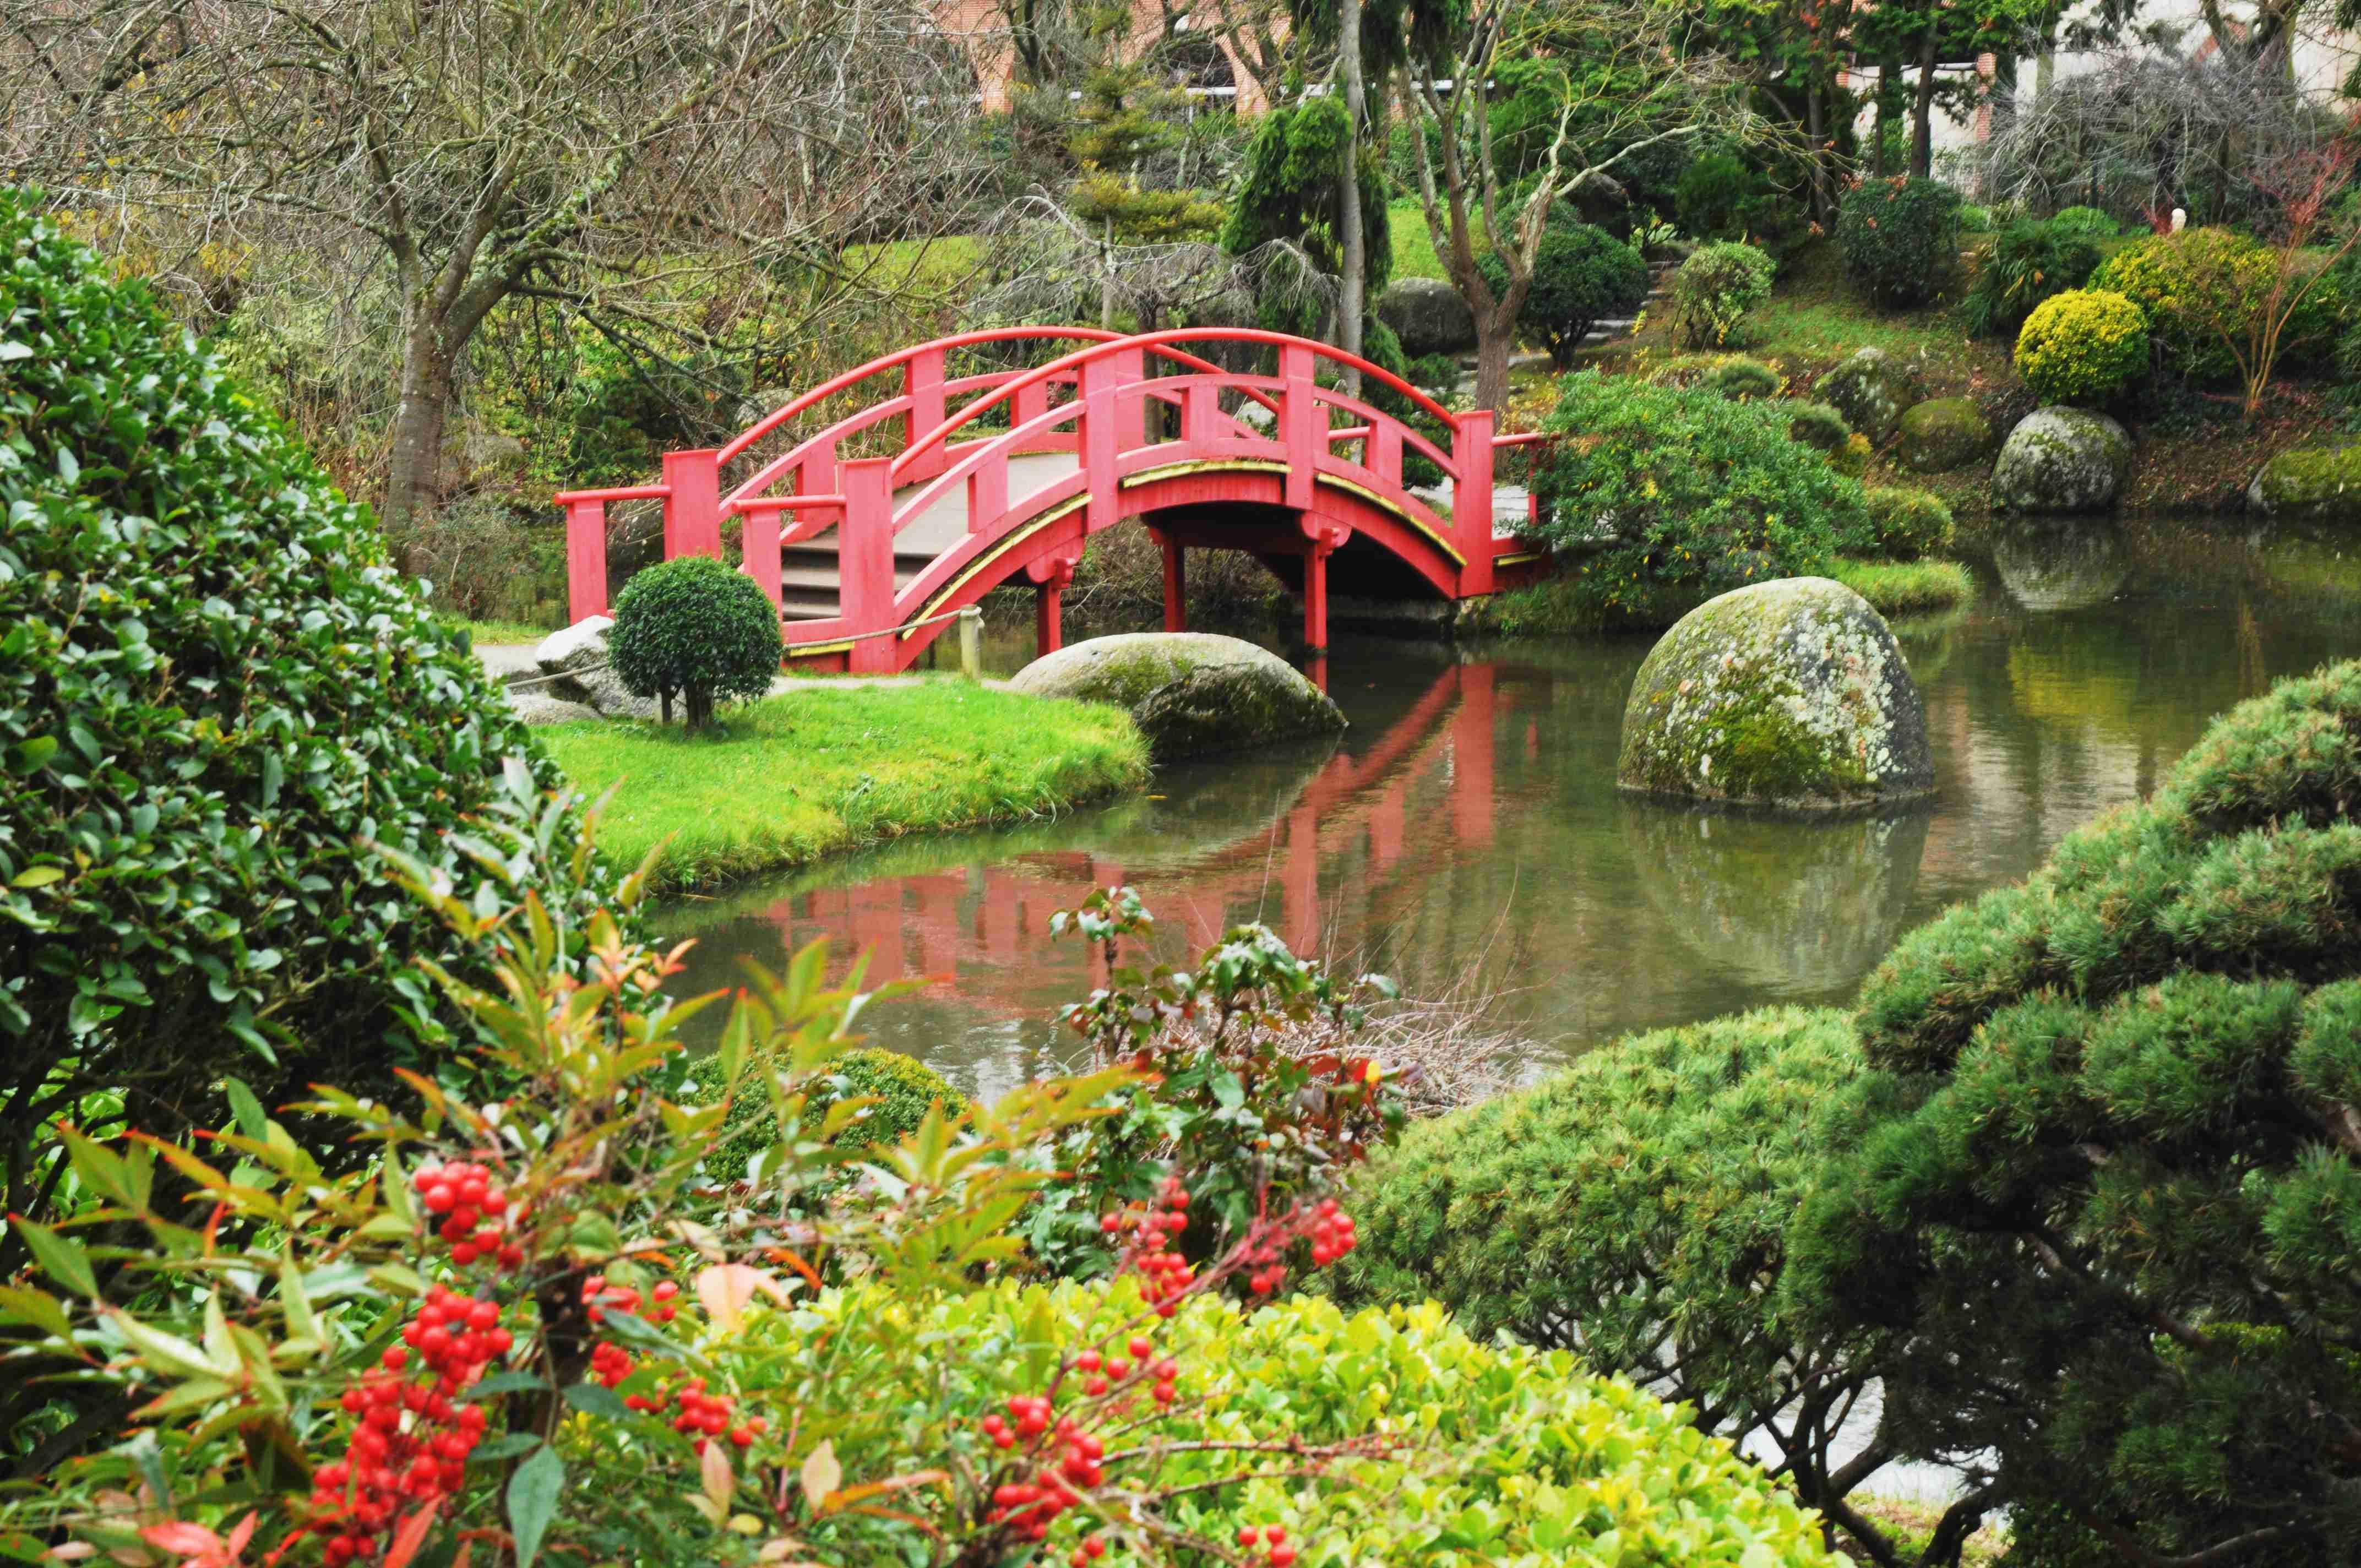 Jjc1 jardin japonais legerete33 photos club doctissimo for Jardin japonais plantes